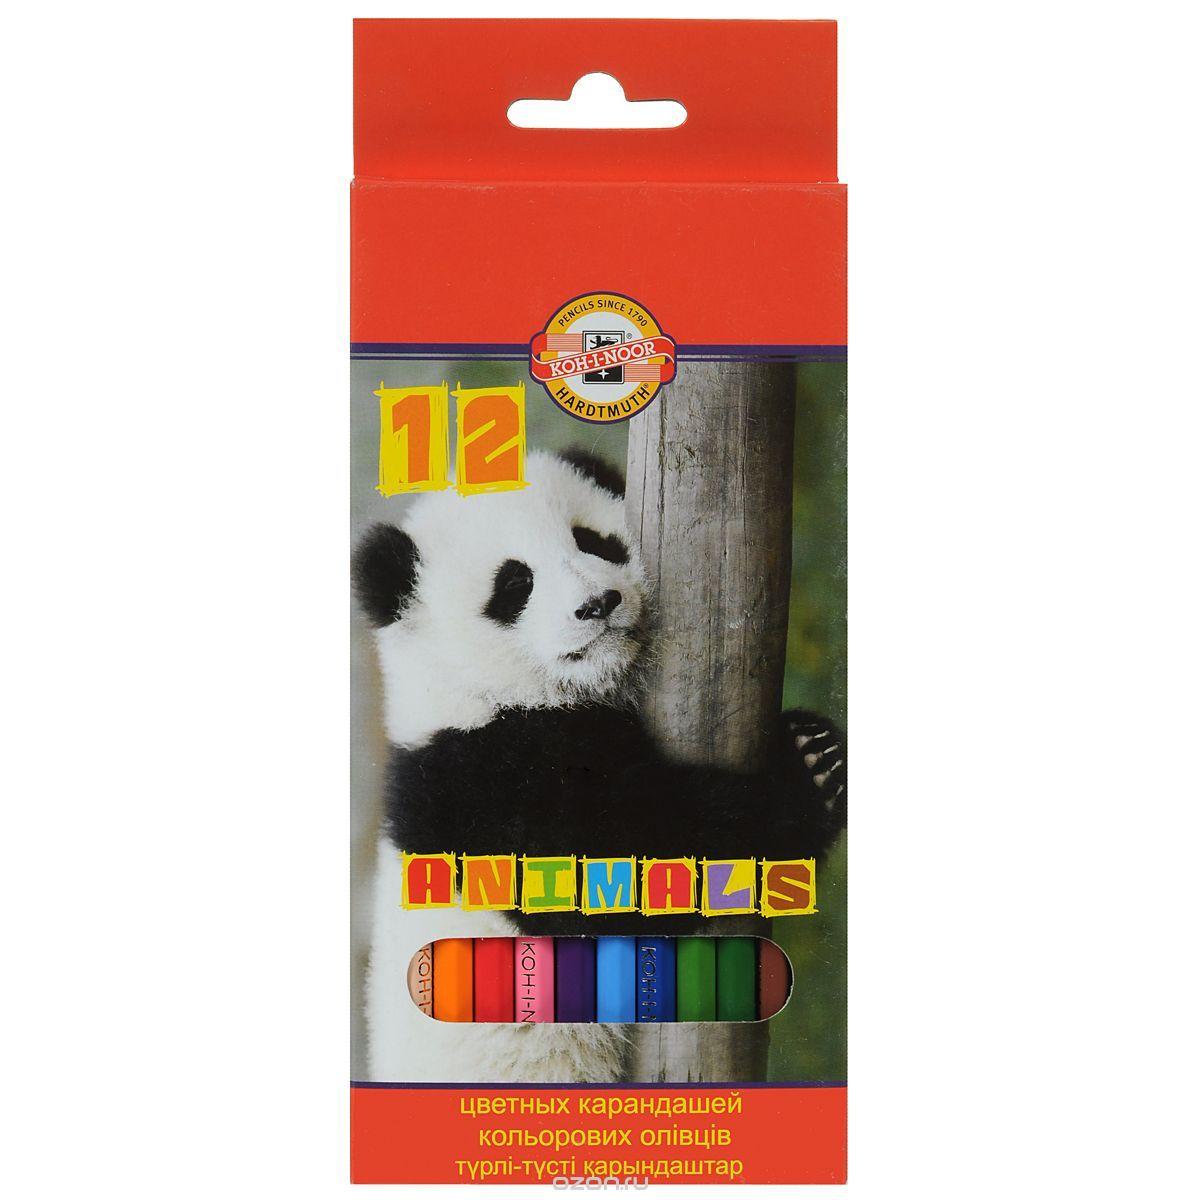 Цветные карандаши Животные, 12 цветов3552/12 8 KSЦветные карандаши Животные непременно, понравятся вашему юному художнику. Набор включает в себя 12 ярких насыщенных цветных карандашей, которые идеально подходят для малышей. Шестигранный корпус изготовлен из натуральной древесины. Карандаши имеют прочный неломающийся грифель, не требующий сильного нажатия и легко затачиваются. Порадуйте своего ребенка таким восхитительным подарком!